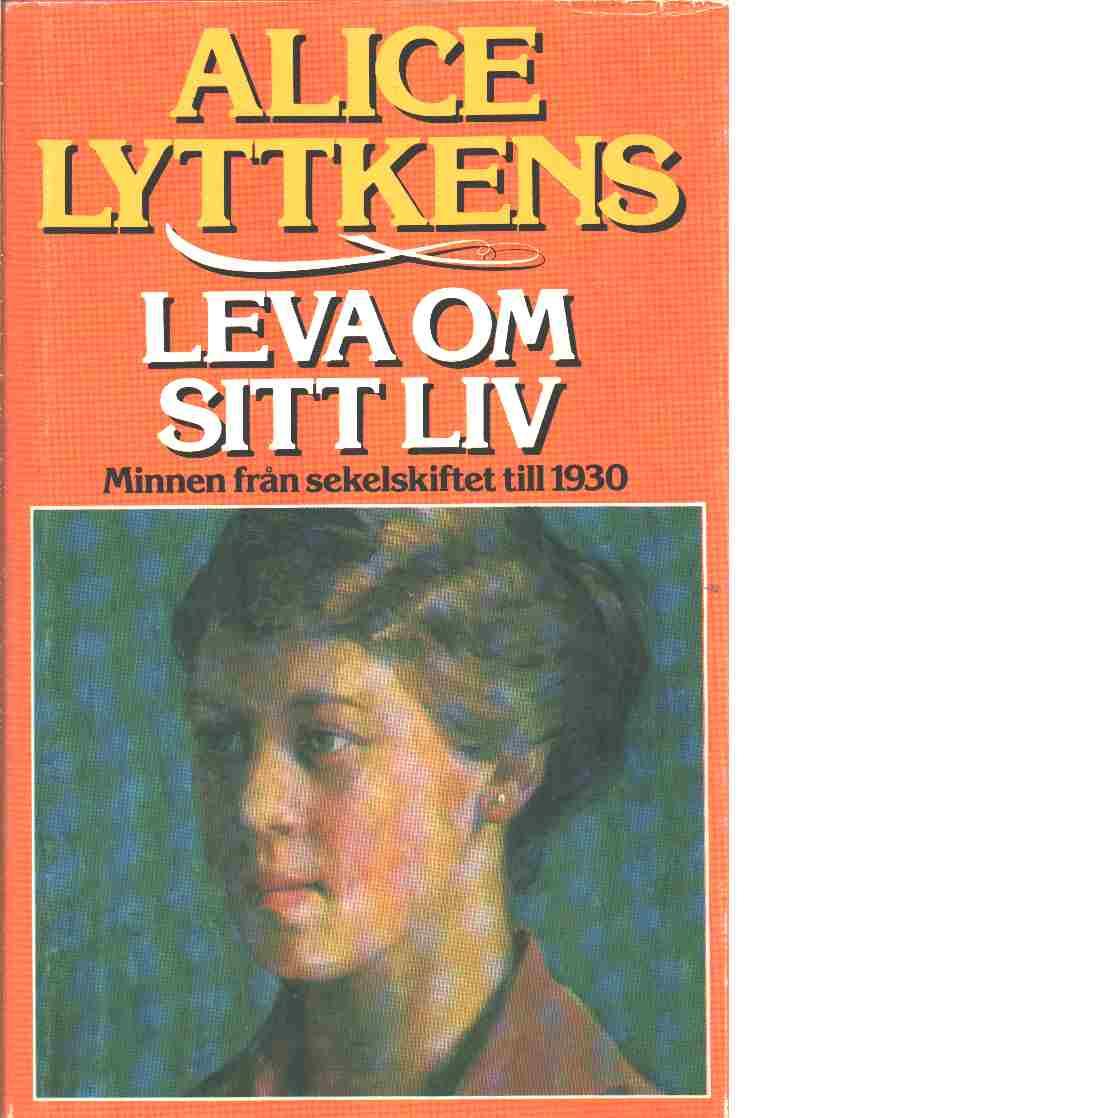 Leva om sitt liv  : minnen från sekelskiftet till 1930 - Lyttkens, Alice